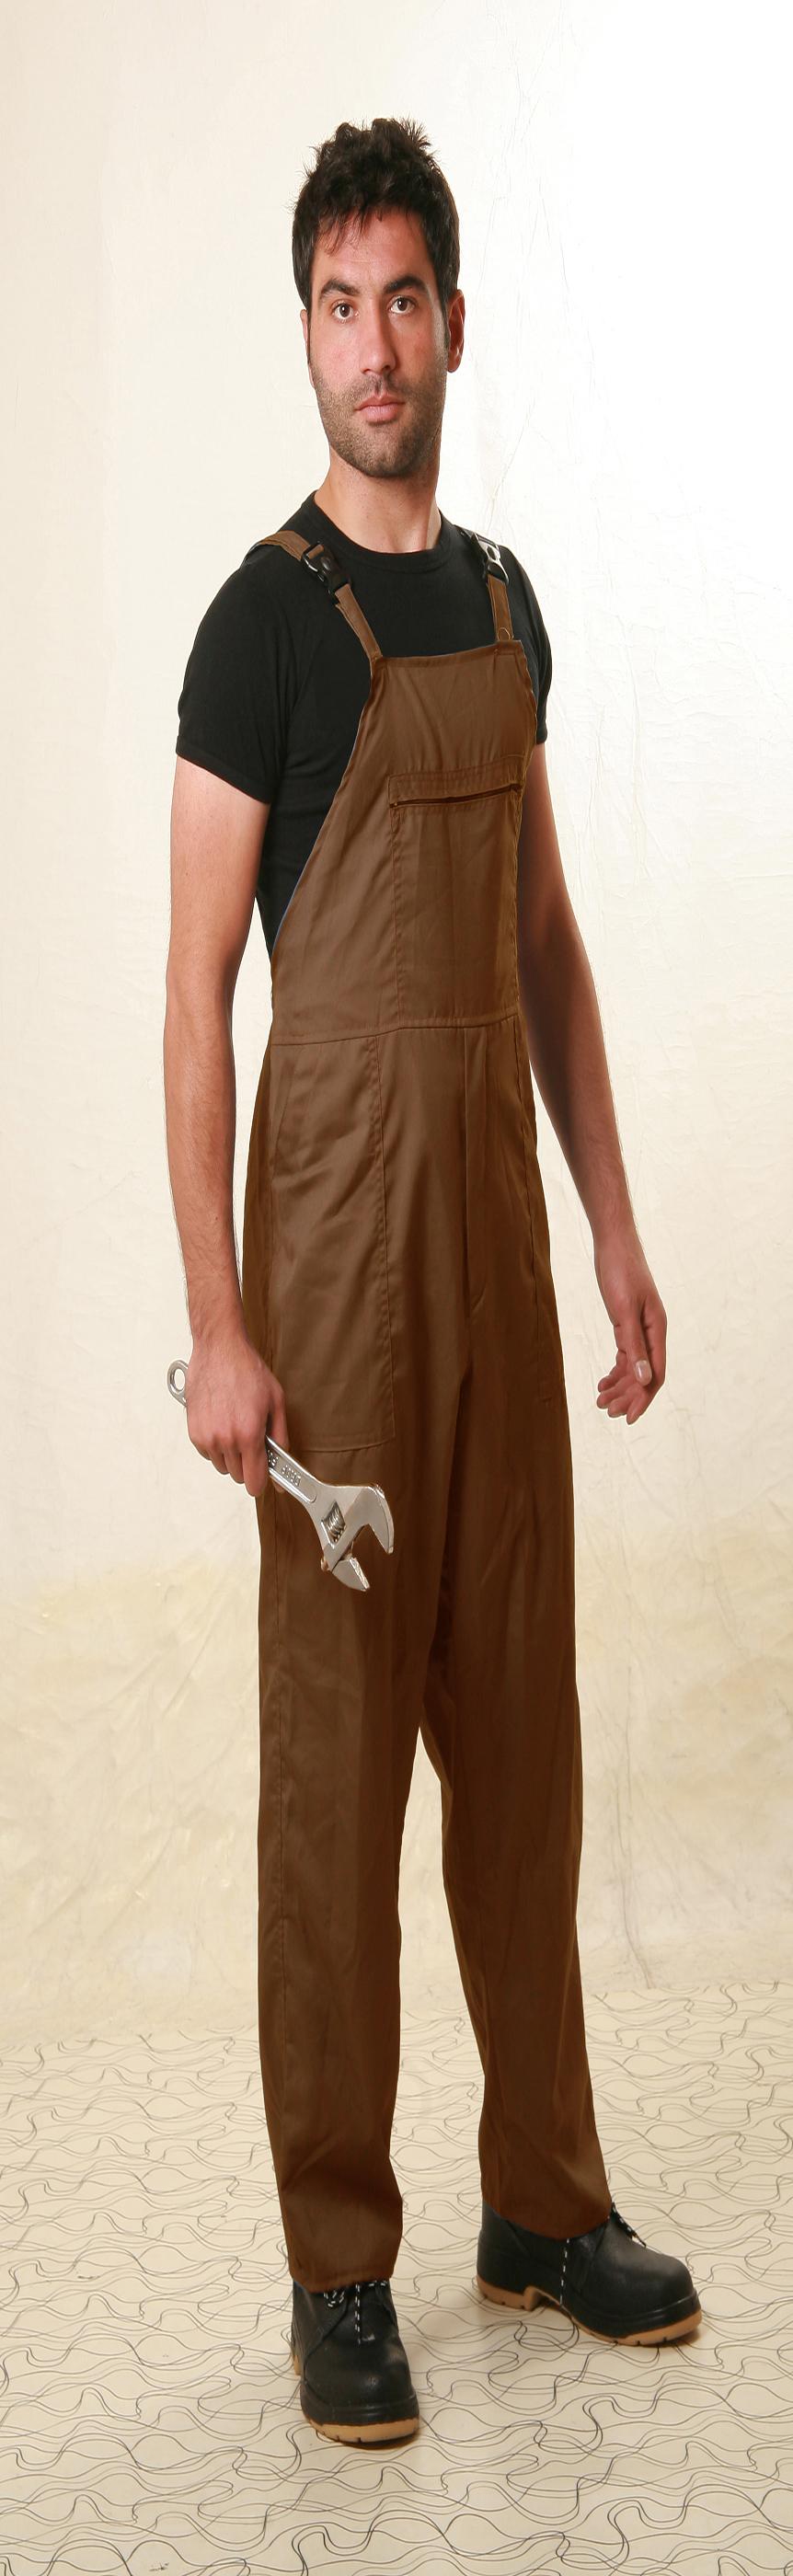 لباس کار ۲ بنده ( مدل پارسا)